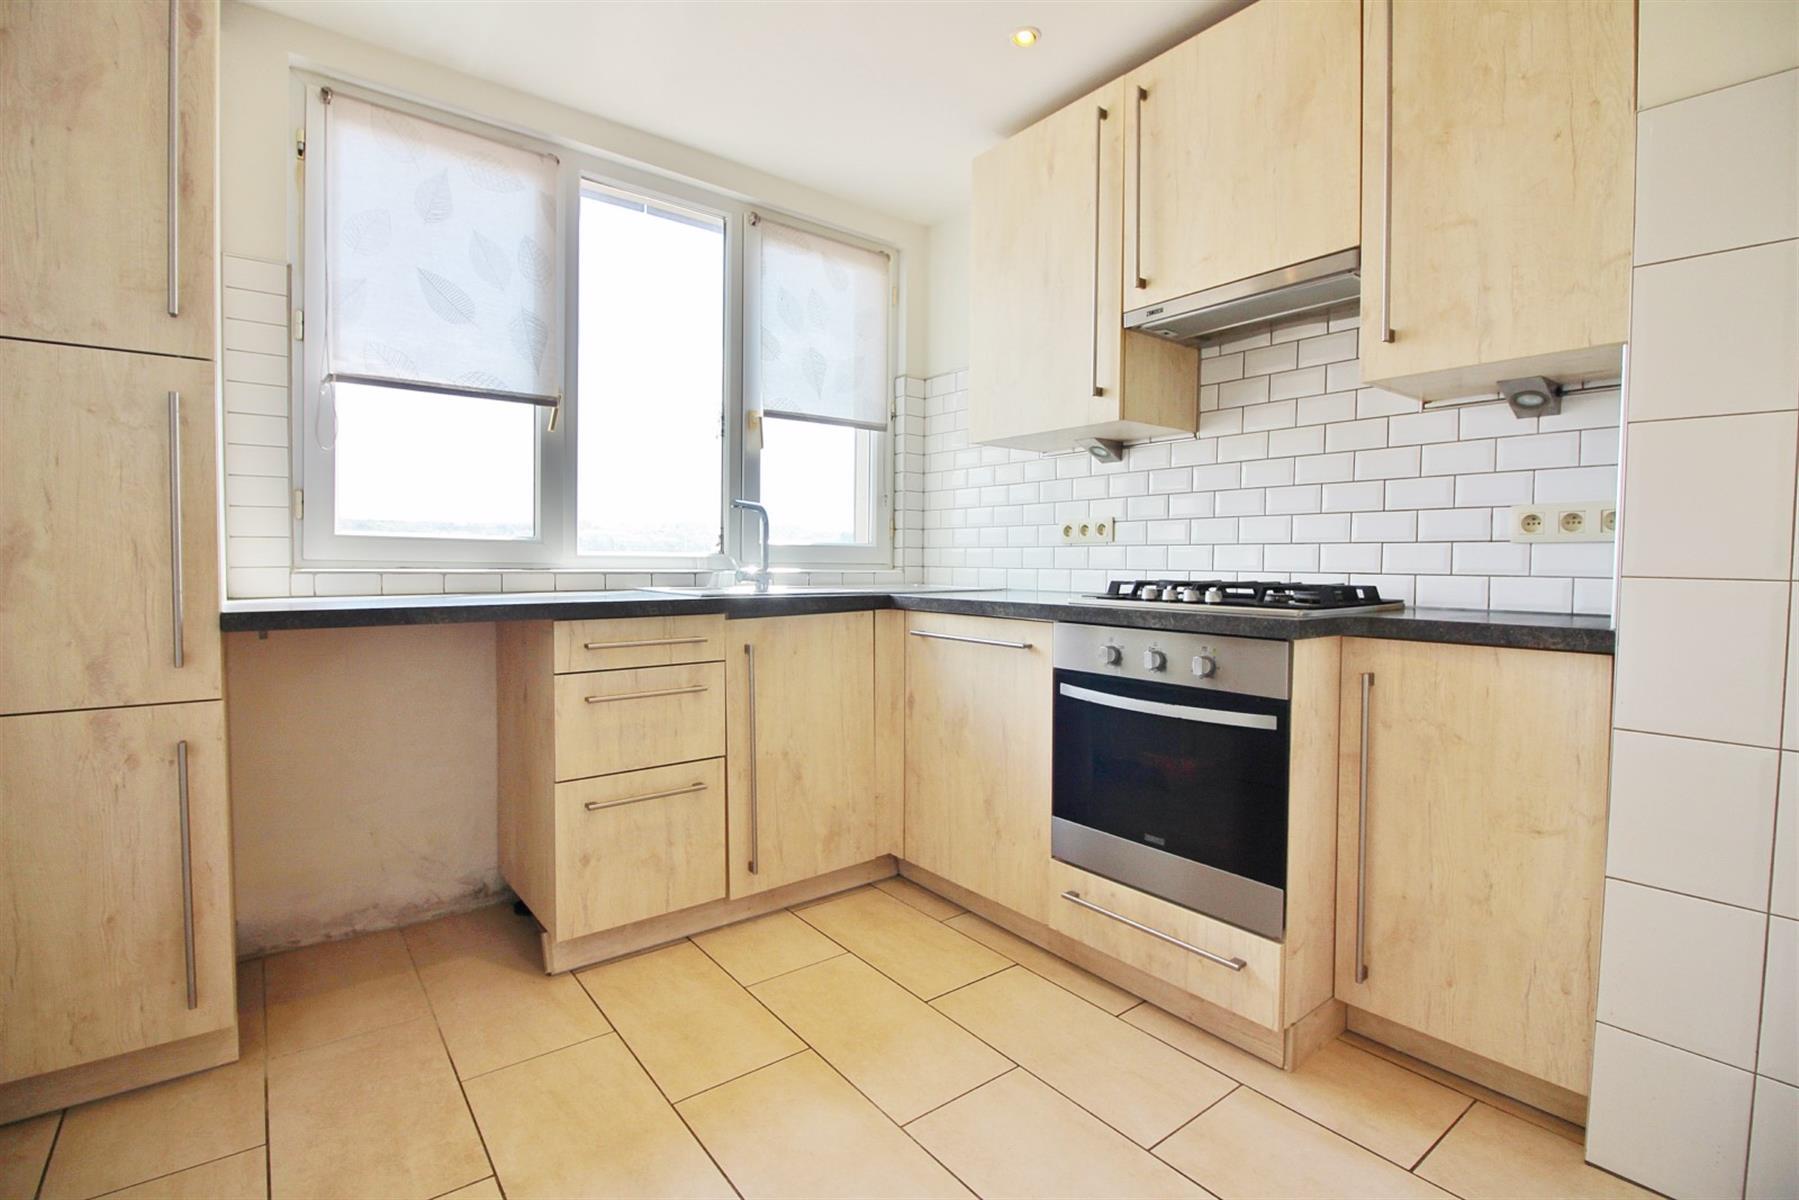 Appartement - Liege - #4394490-1